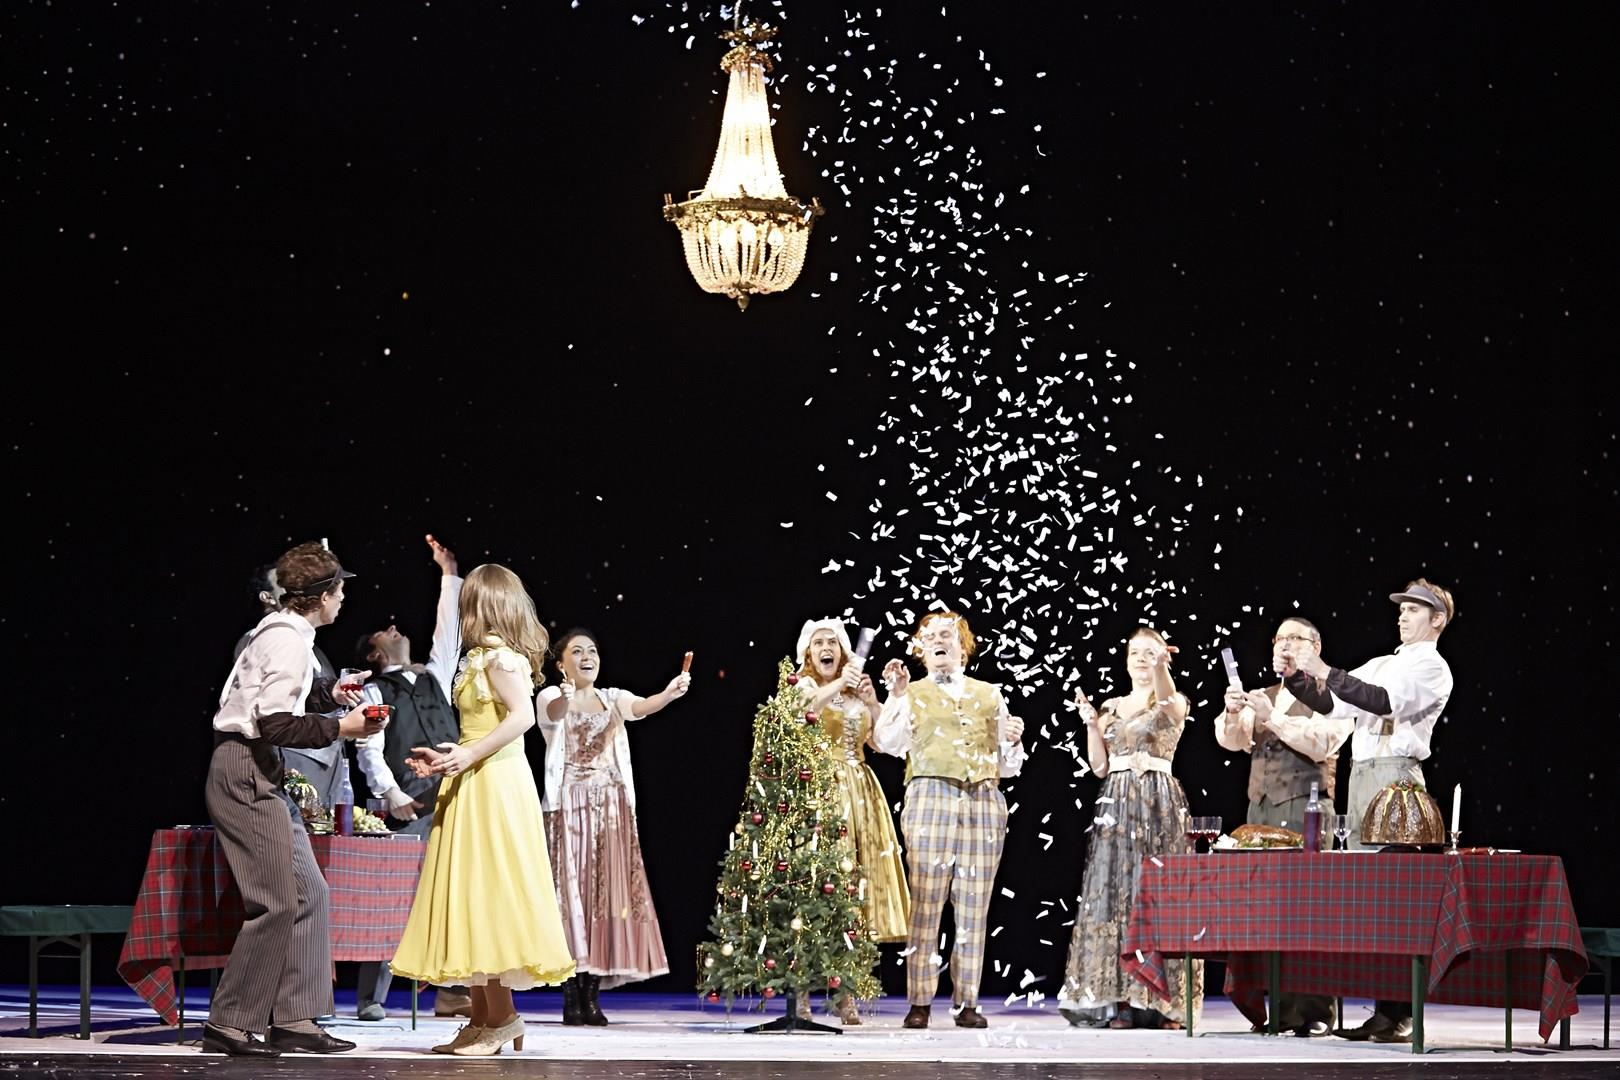 Hessisches Staatstheater Wiesbaden - Scrooge oder Weihnachten ...